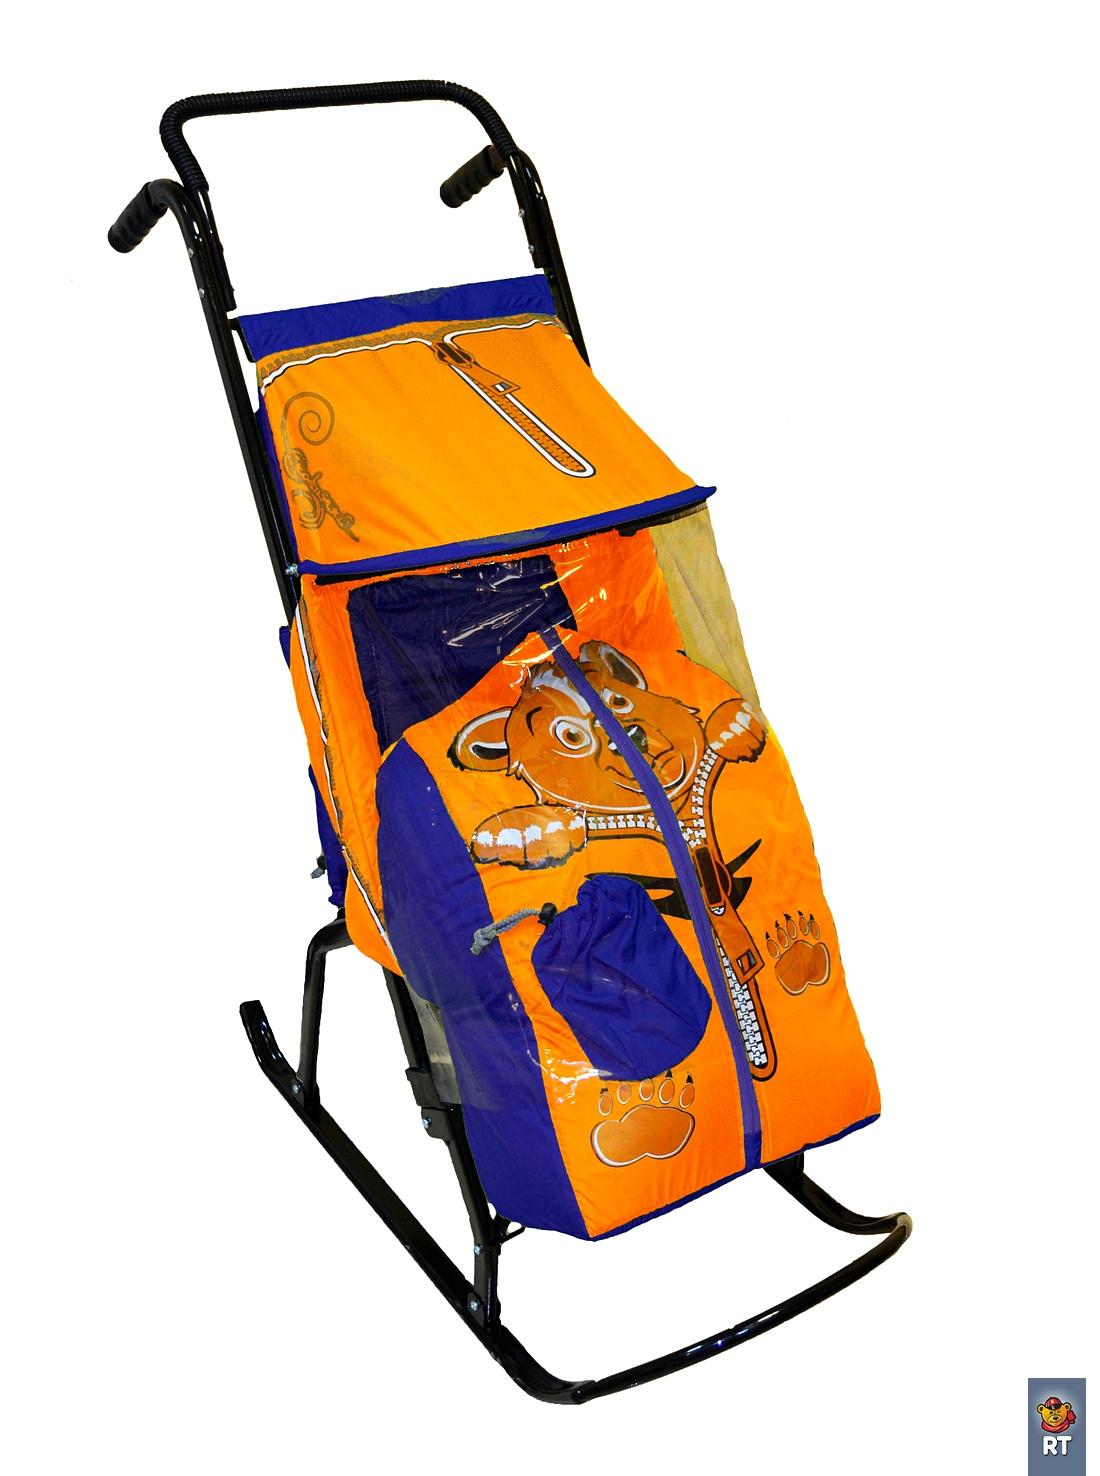 Купить Санки-коляска - Снегурочка-2-Р – Медвежонок, цвет синий-оранжевый, RT